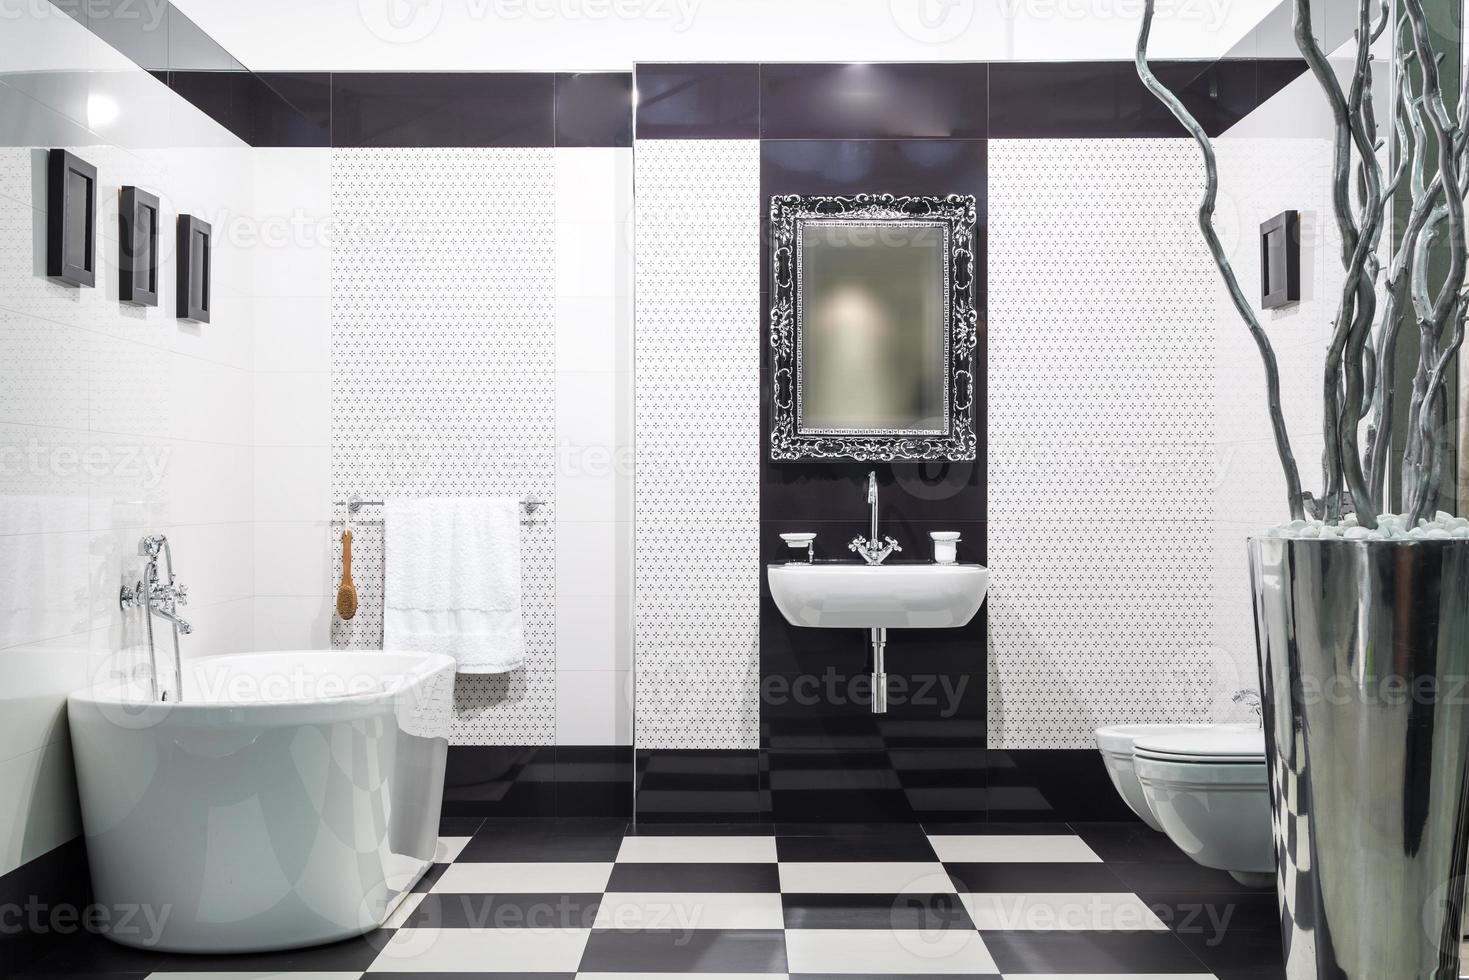 salle de bain blanche et noire photo